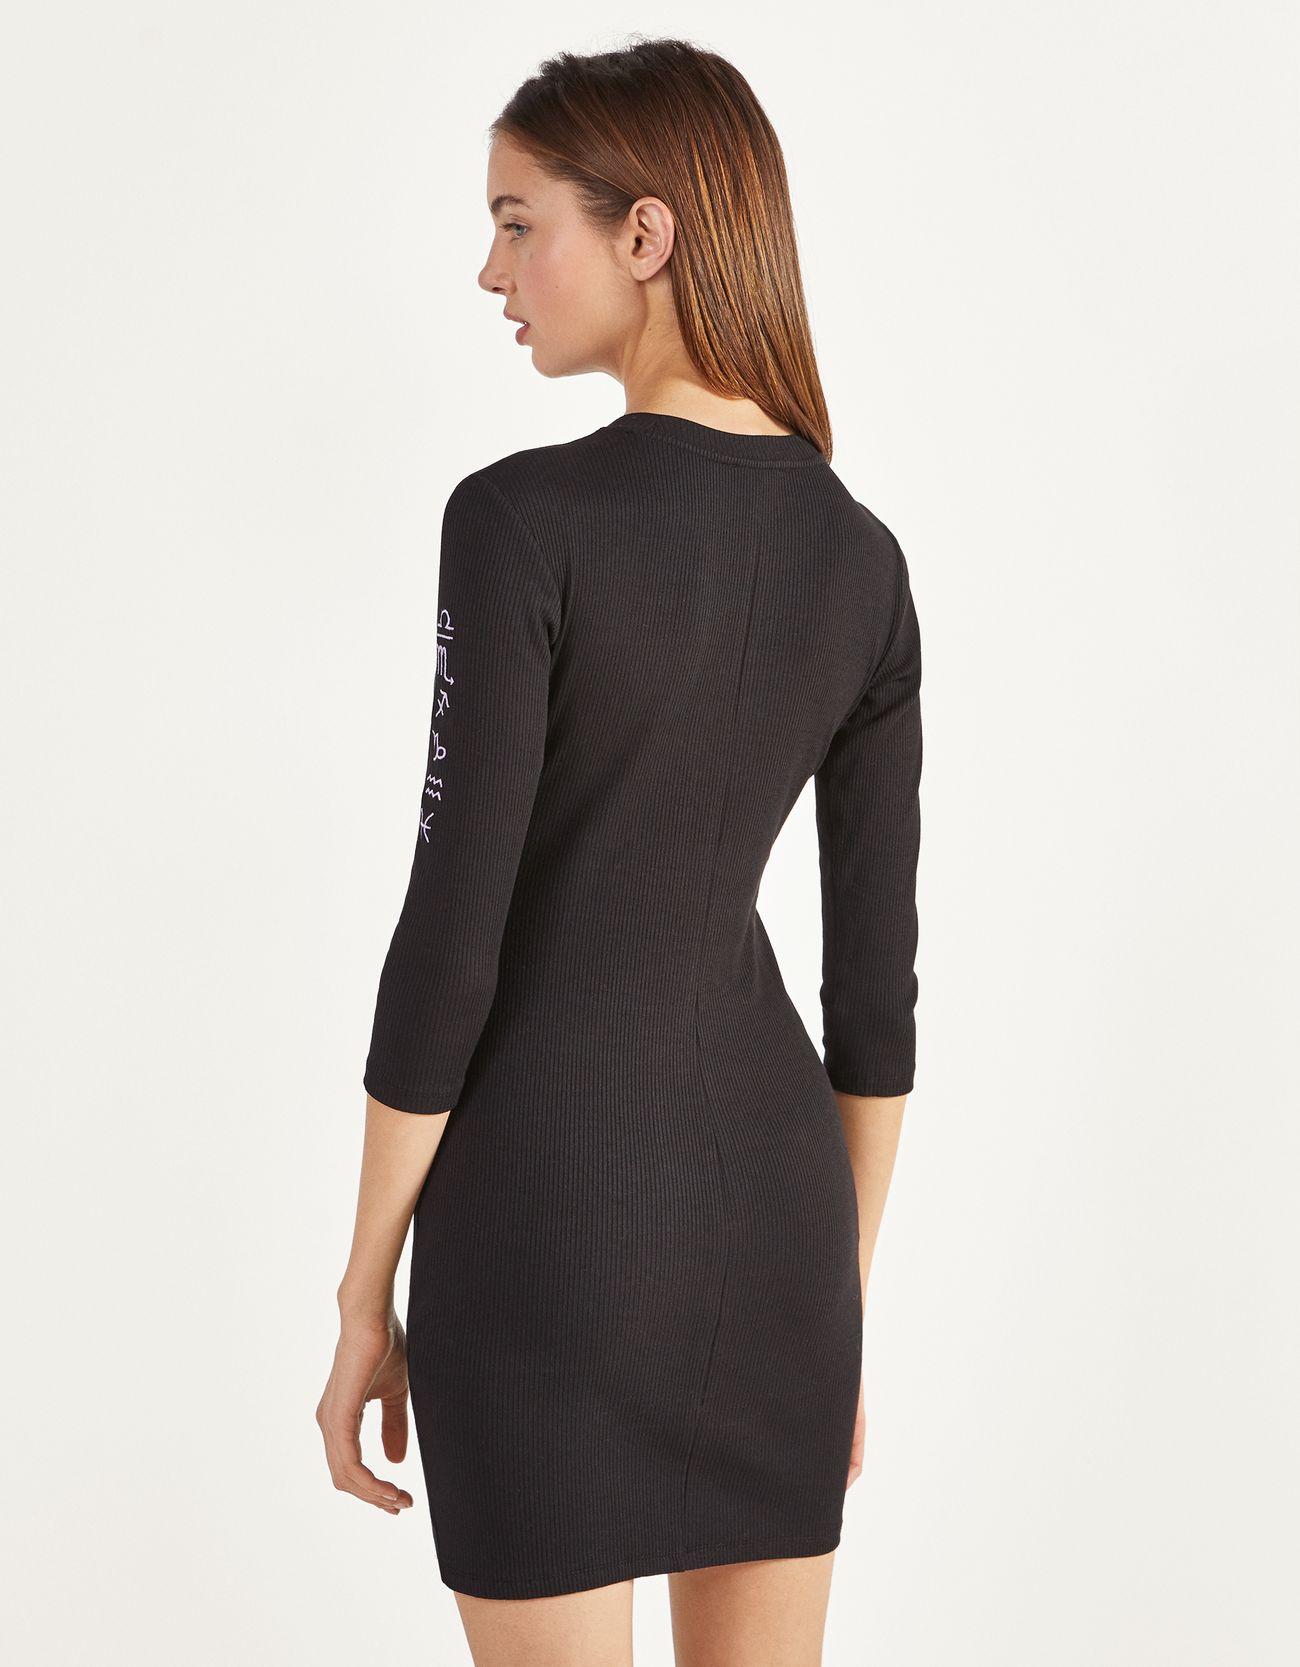 Короткое платье с вышивкой Черный Bershka